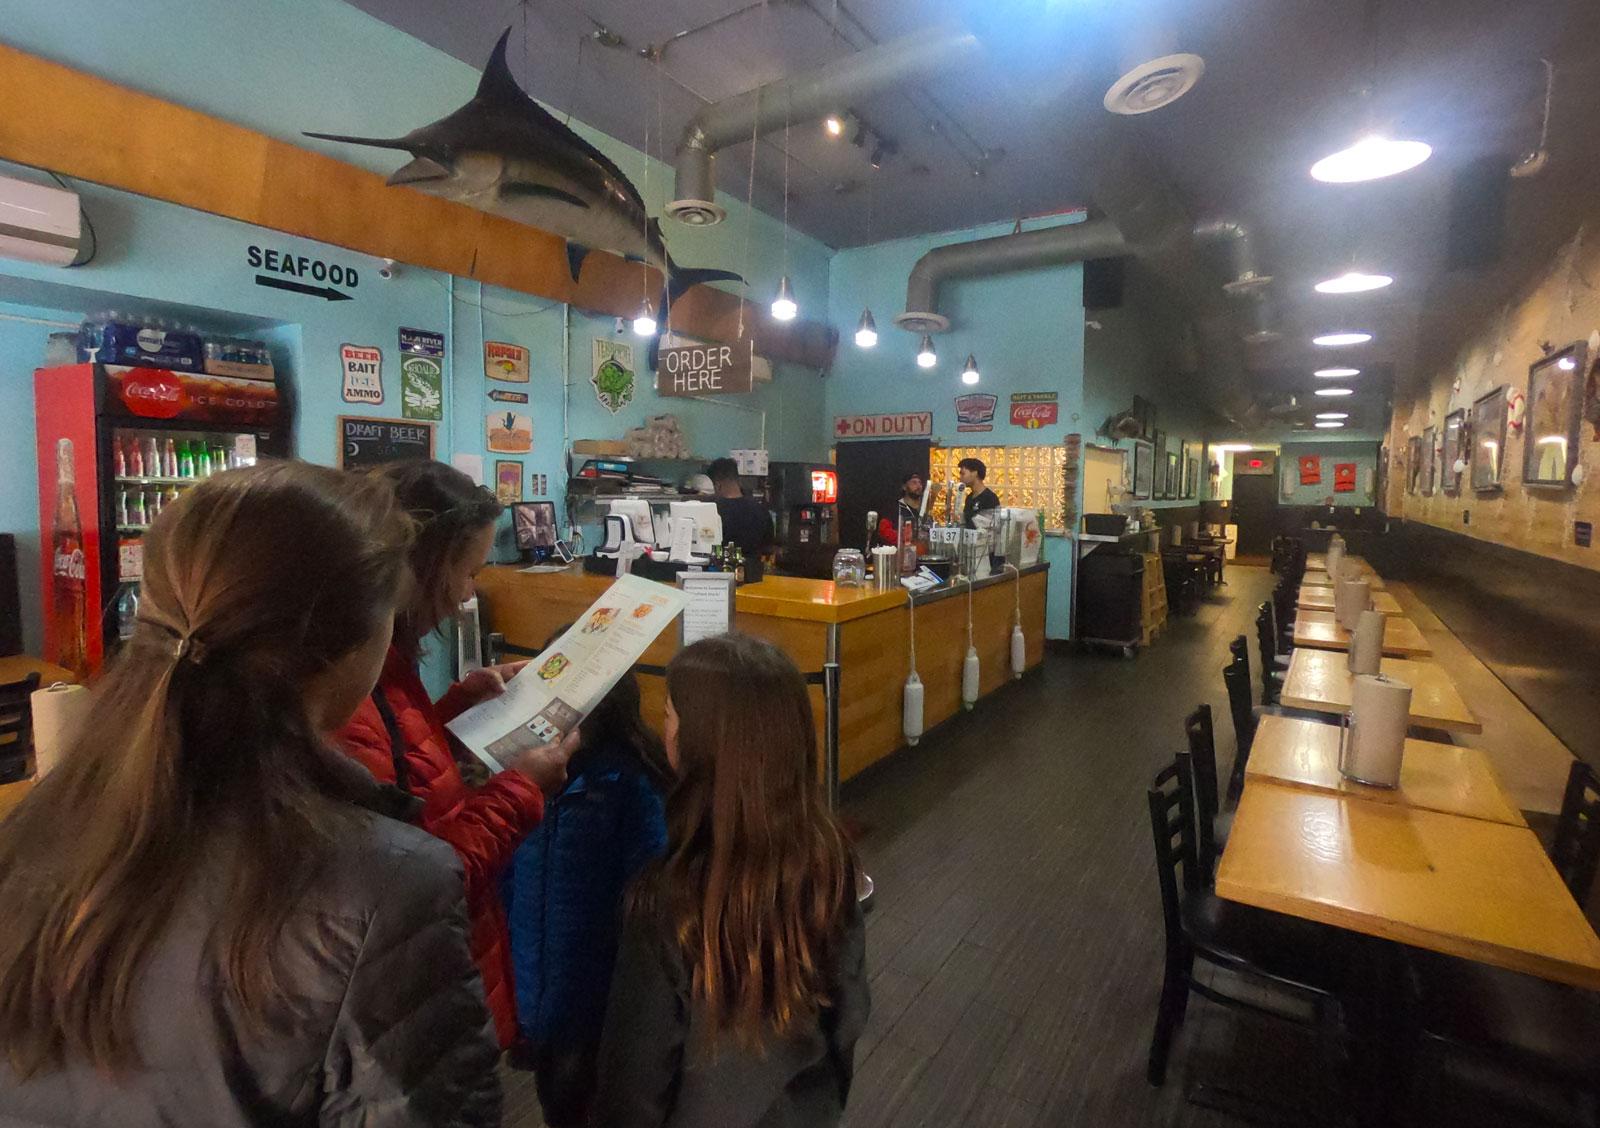 Family looking at Savannah Seafood Shack menu